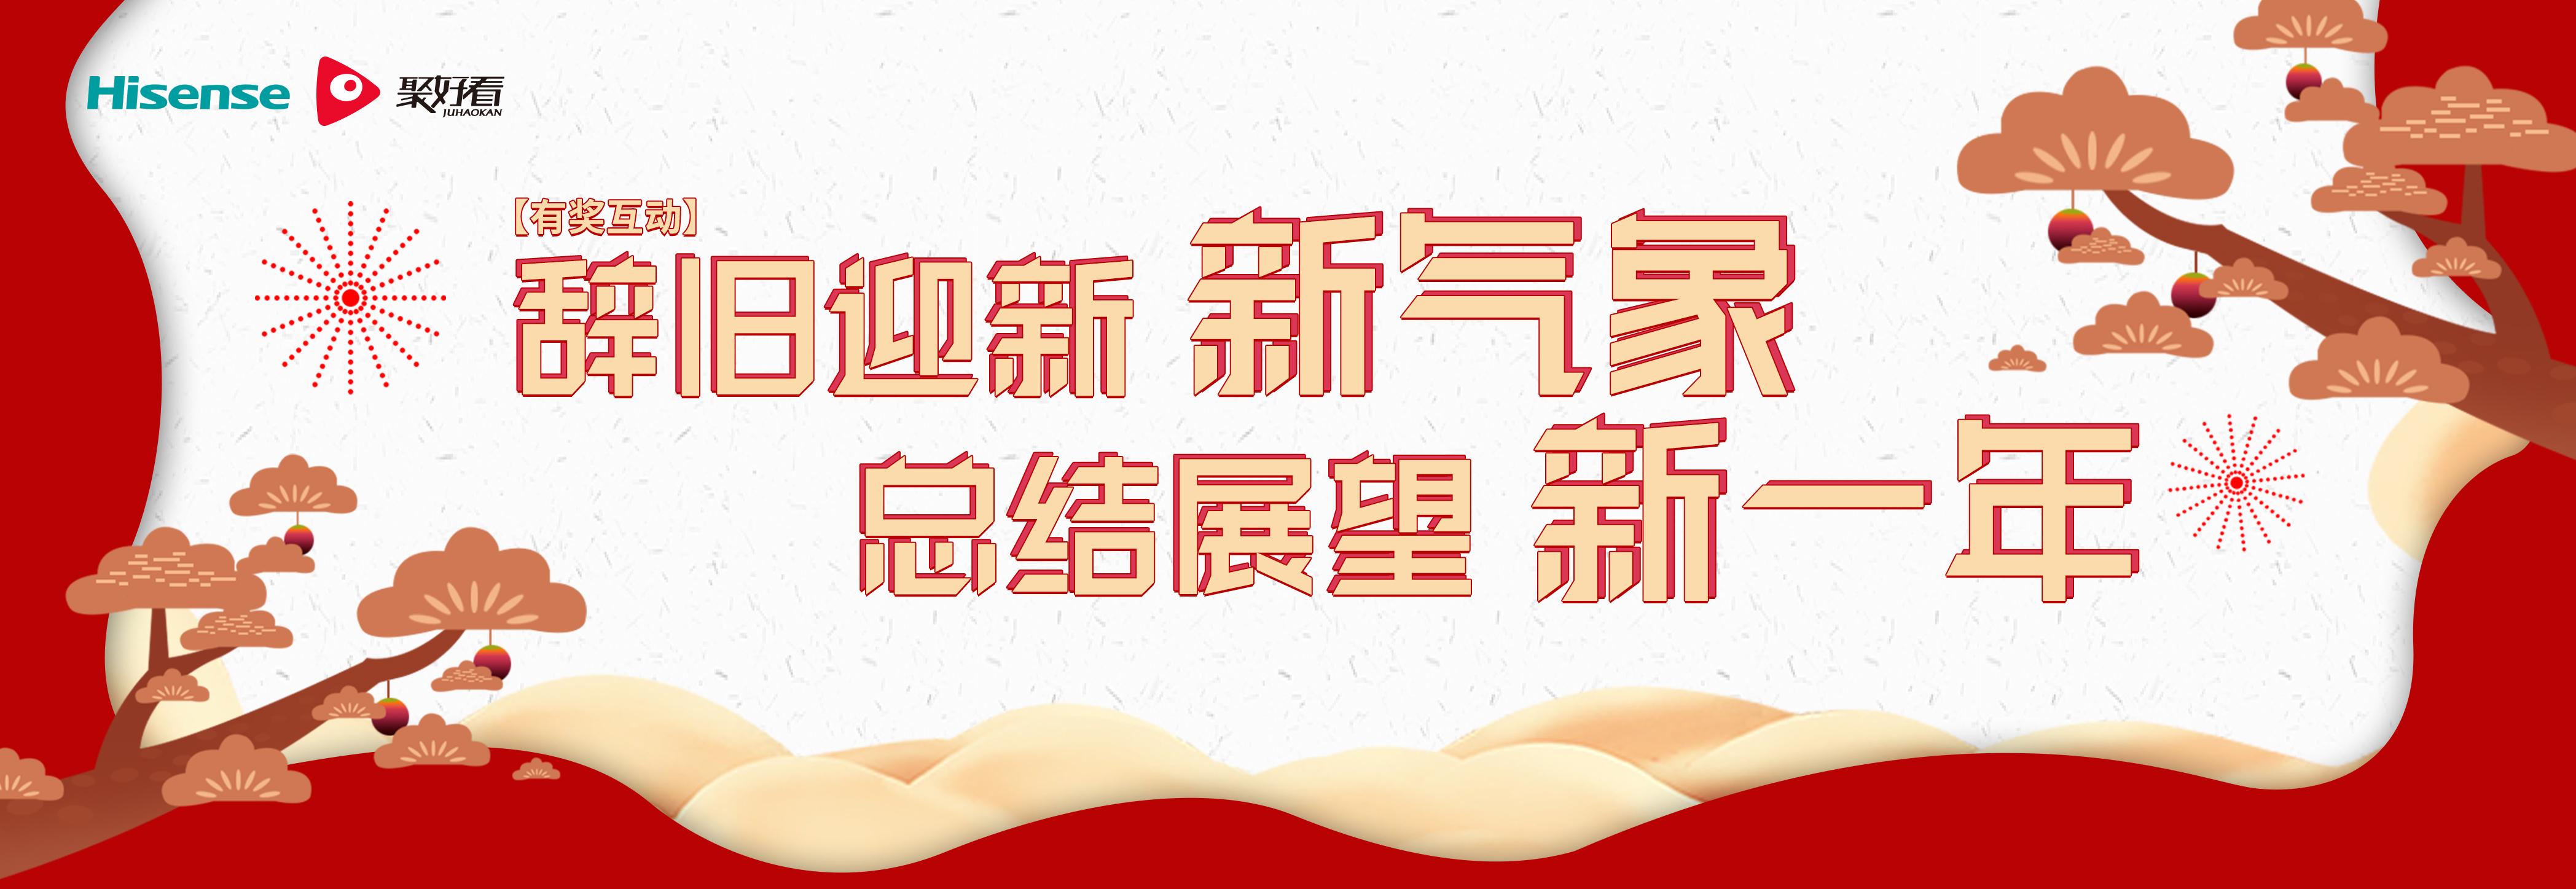 辞旧迎新新气象,总结展望新一年!